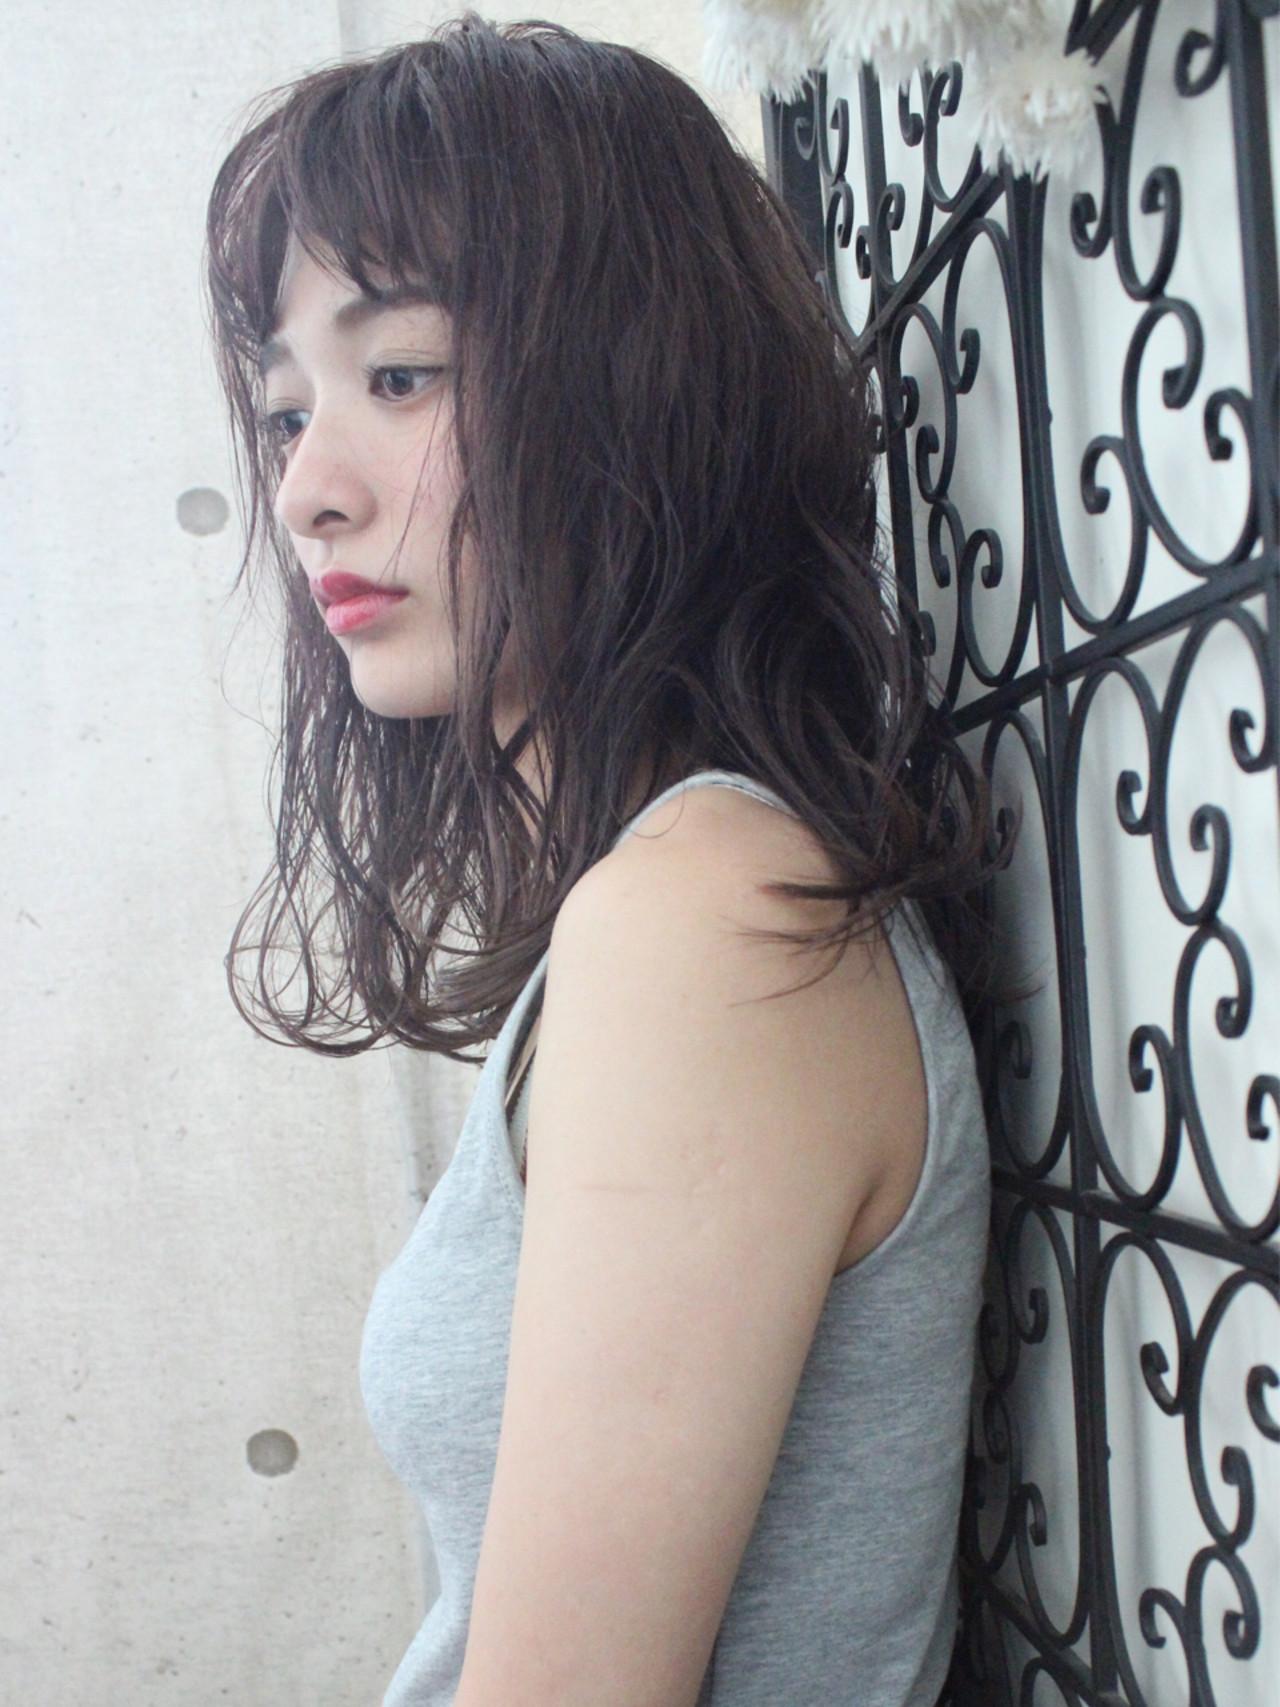 ニュアンス ウェーブ 外国人風 透明感 ヘアスタイルや髪型の写真・画像 | 上田智久 / ooit 福岡 天神 / ooit